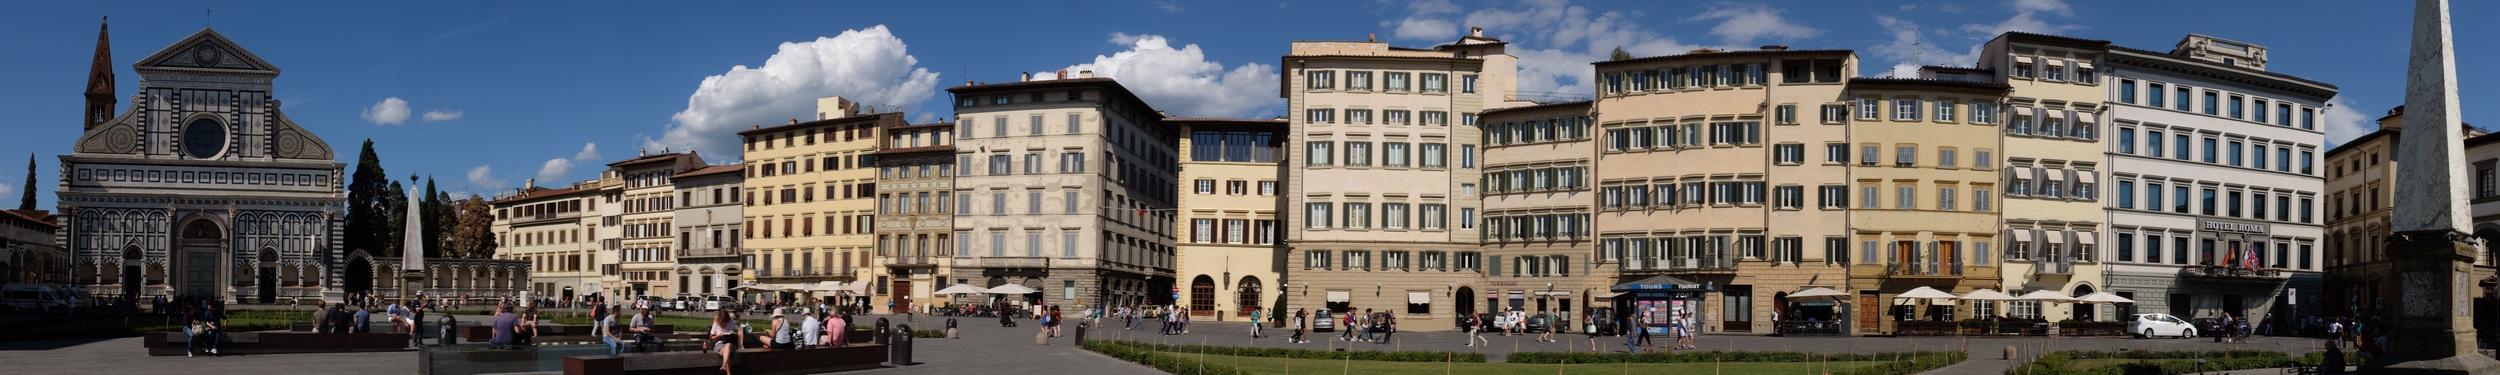 Hotel Roma on the right. Santa Maria Novella on left